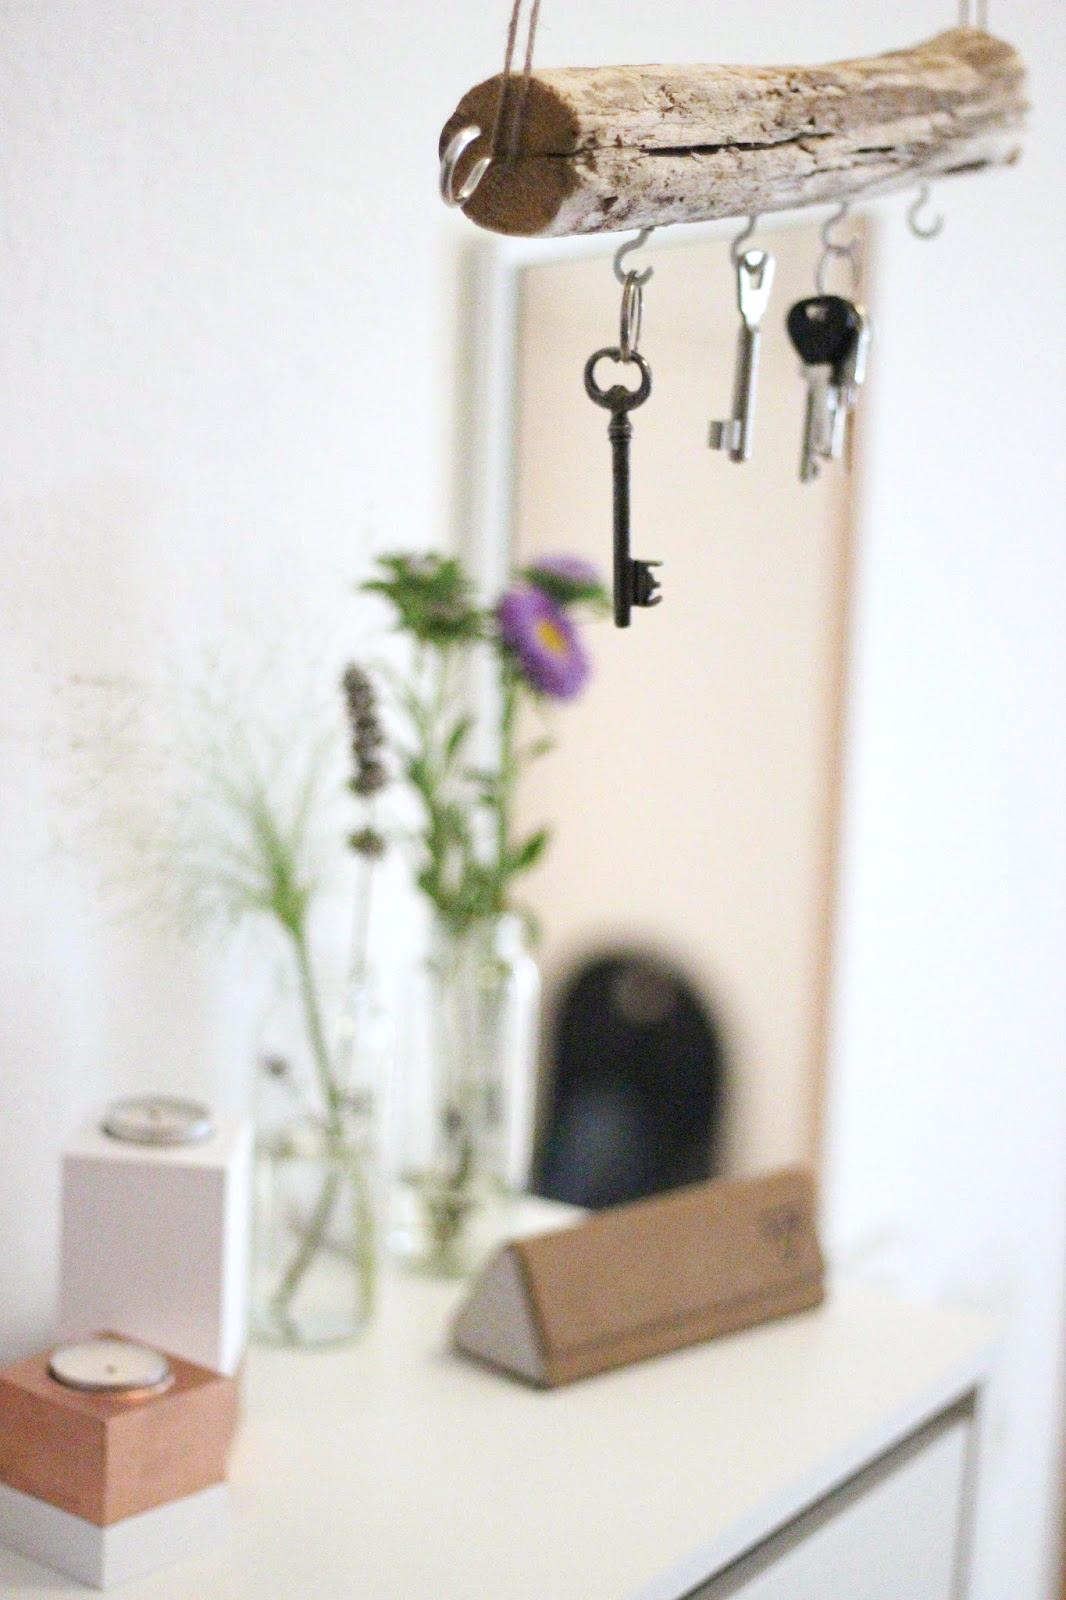 fair fashion interior design diy schl sselbrett aus treibholz selber machen. Black Bedroom Furniture Sets. Home Design Ideas